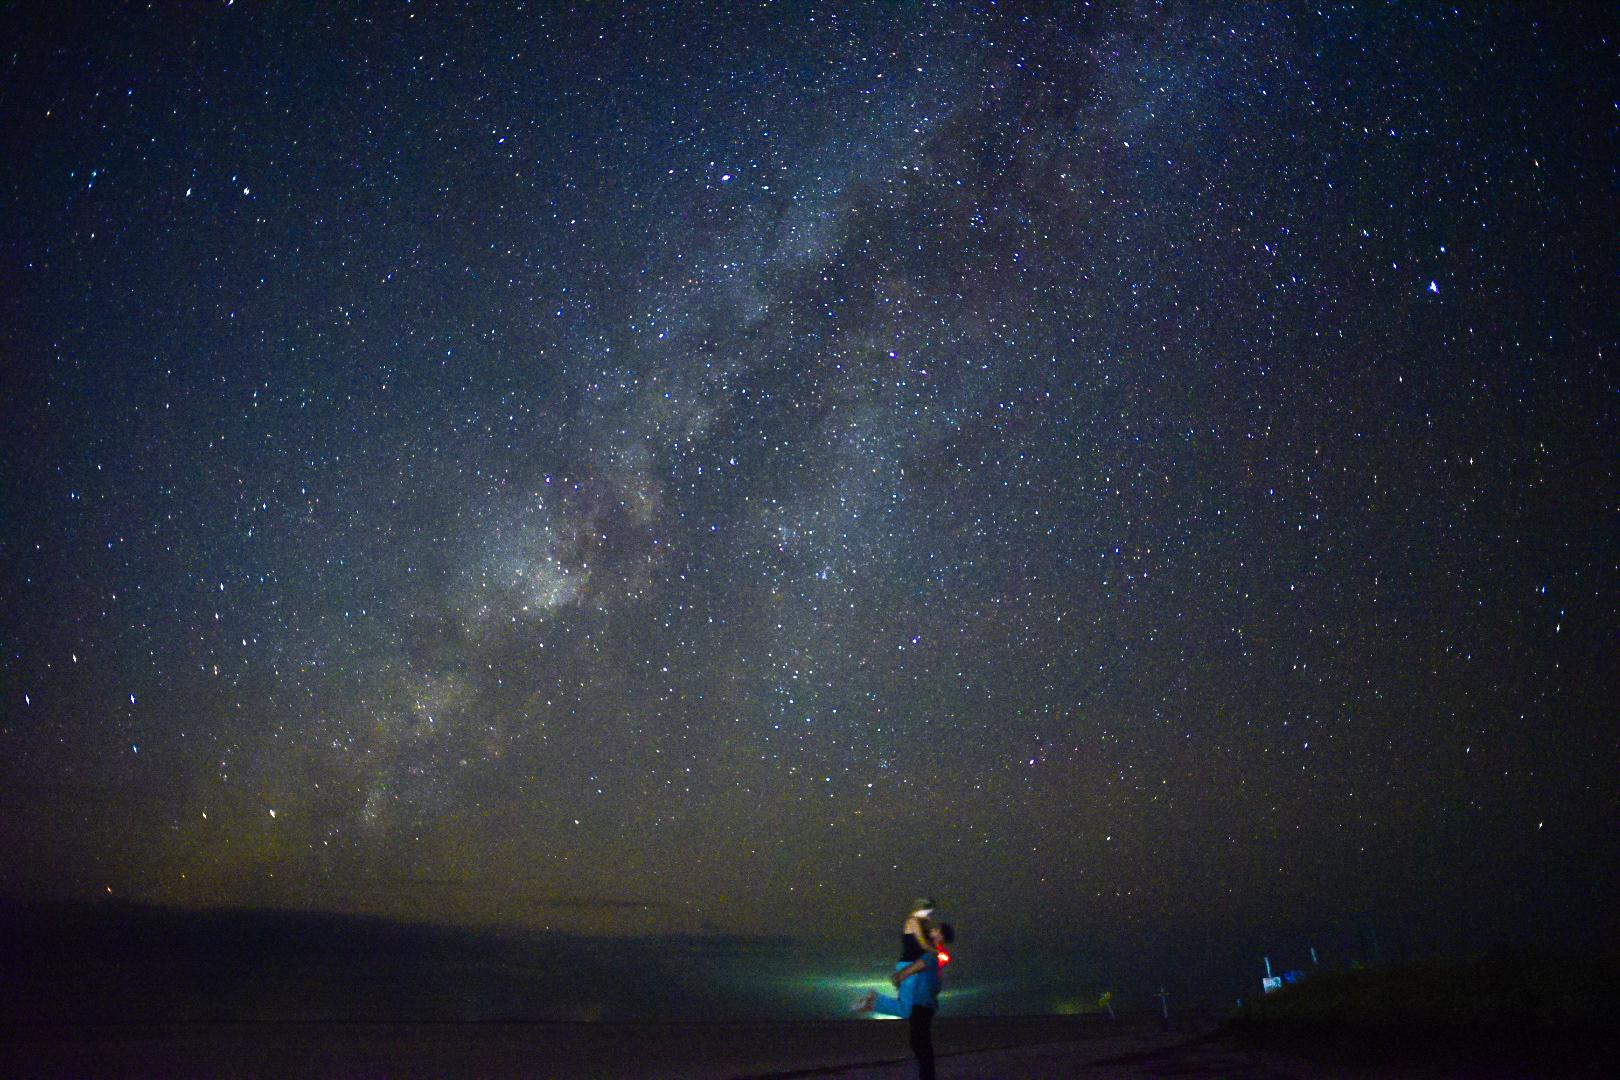 Milky Way couple's potrait